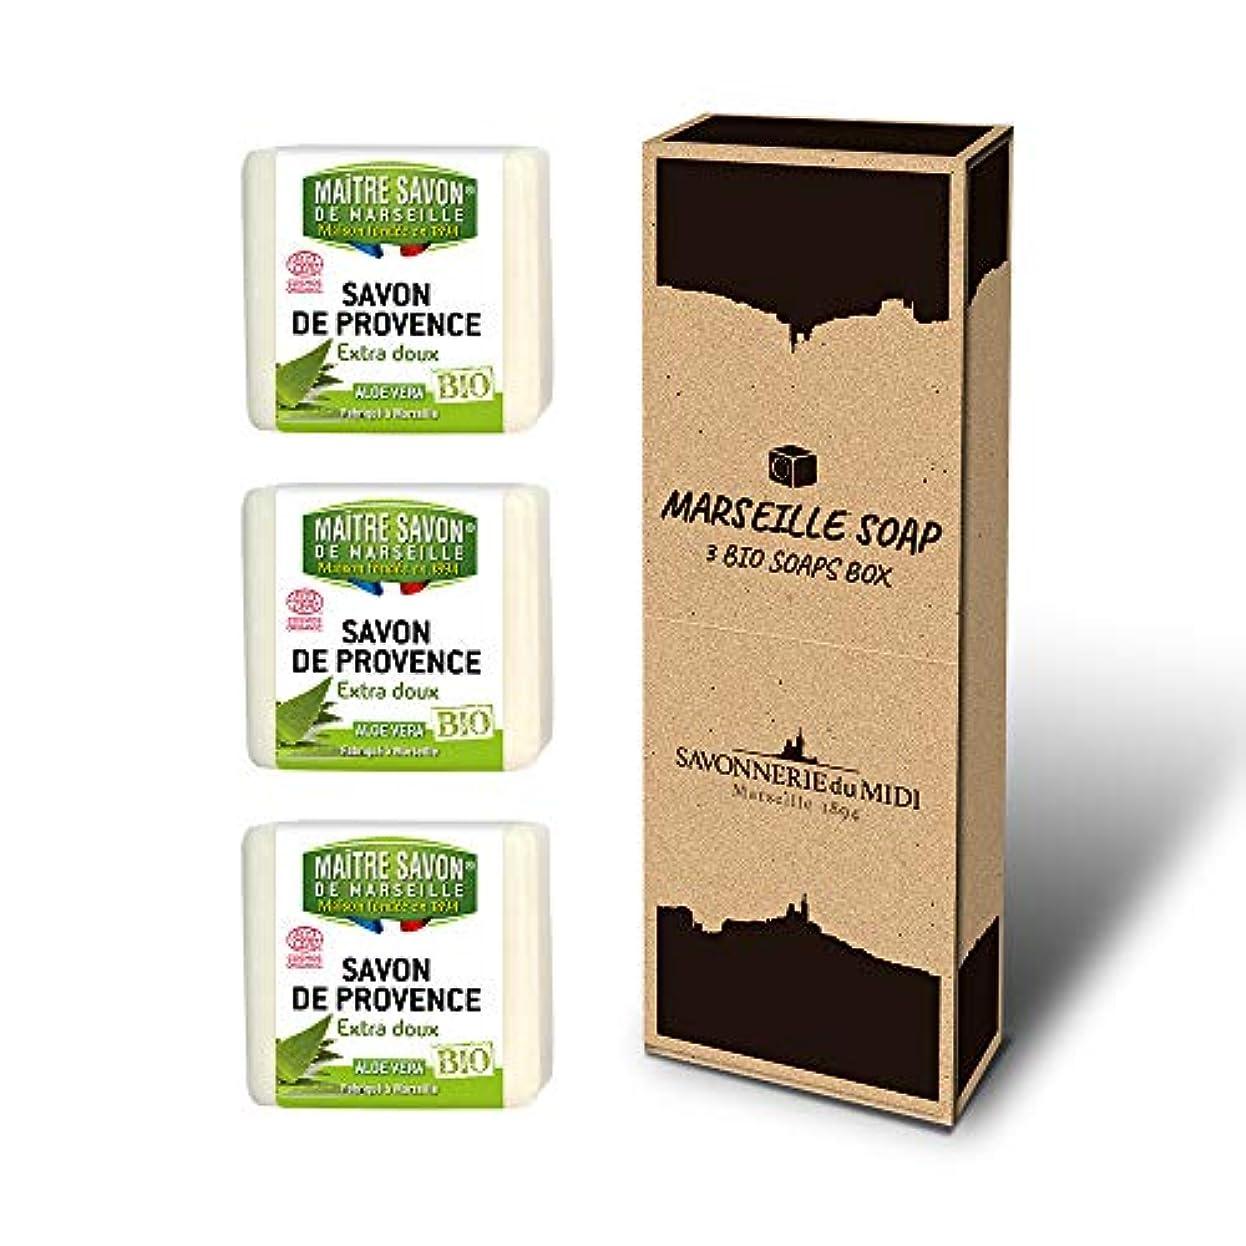 千同種のいちゃつくマルセイユソープ 3BIO SOAPS BOX (アロエベラ)